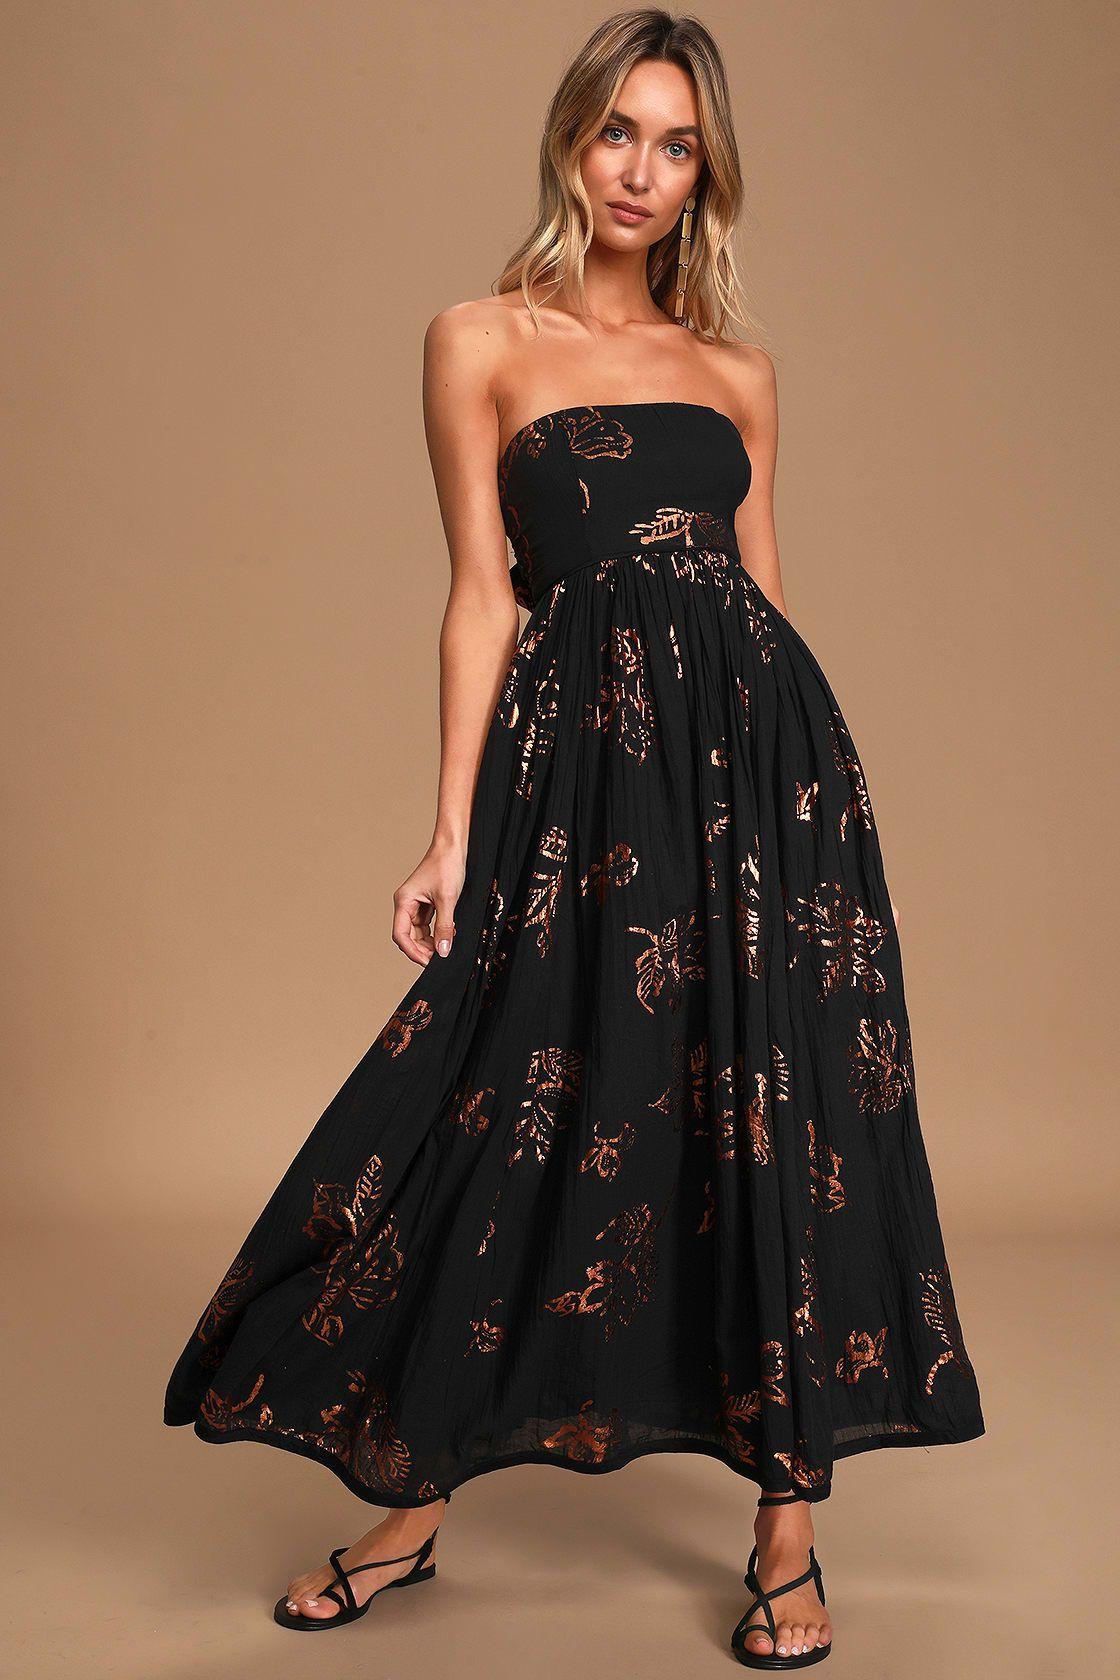 black strapless dress midi